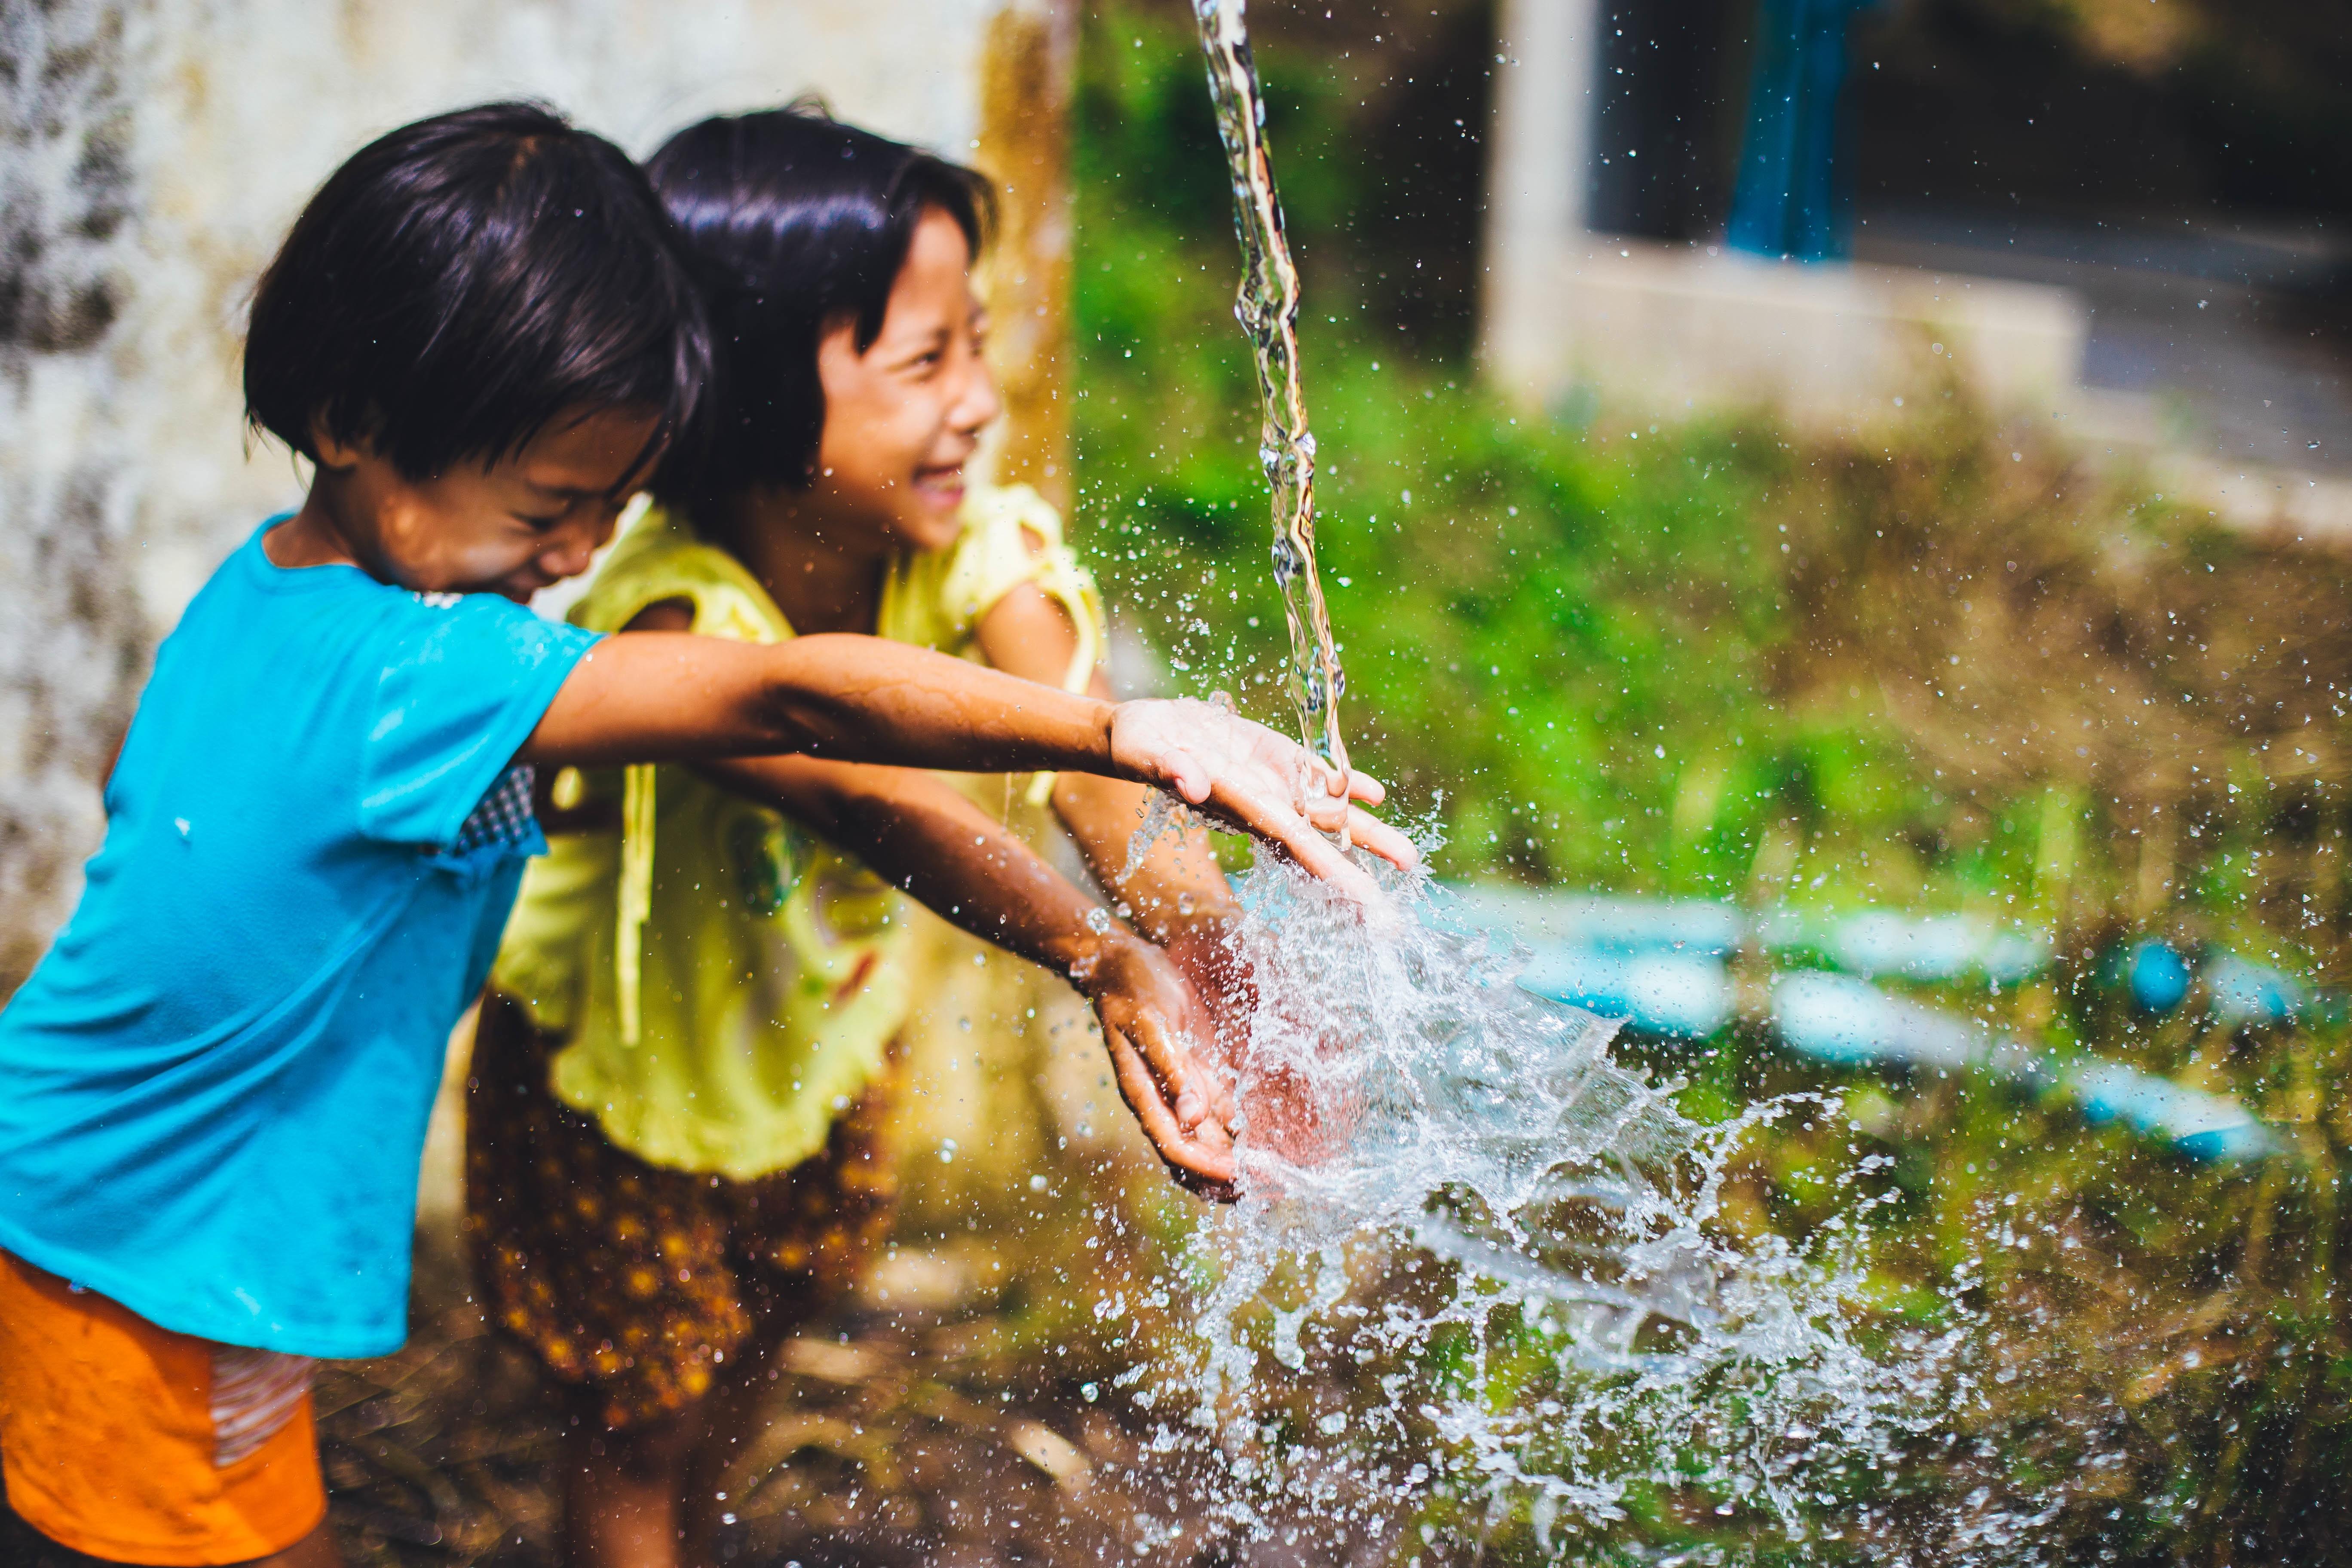 Enfants jouant avec un jet d'eau